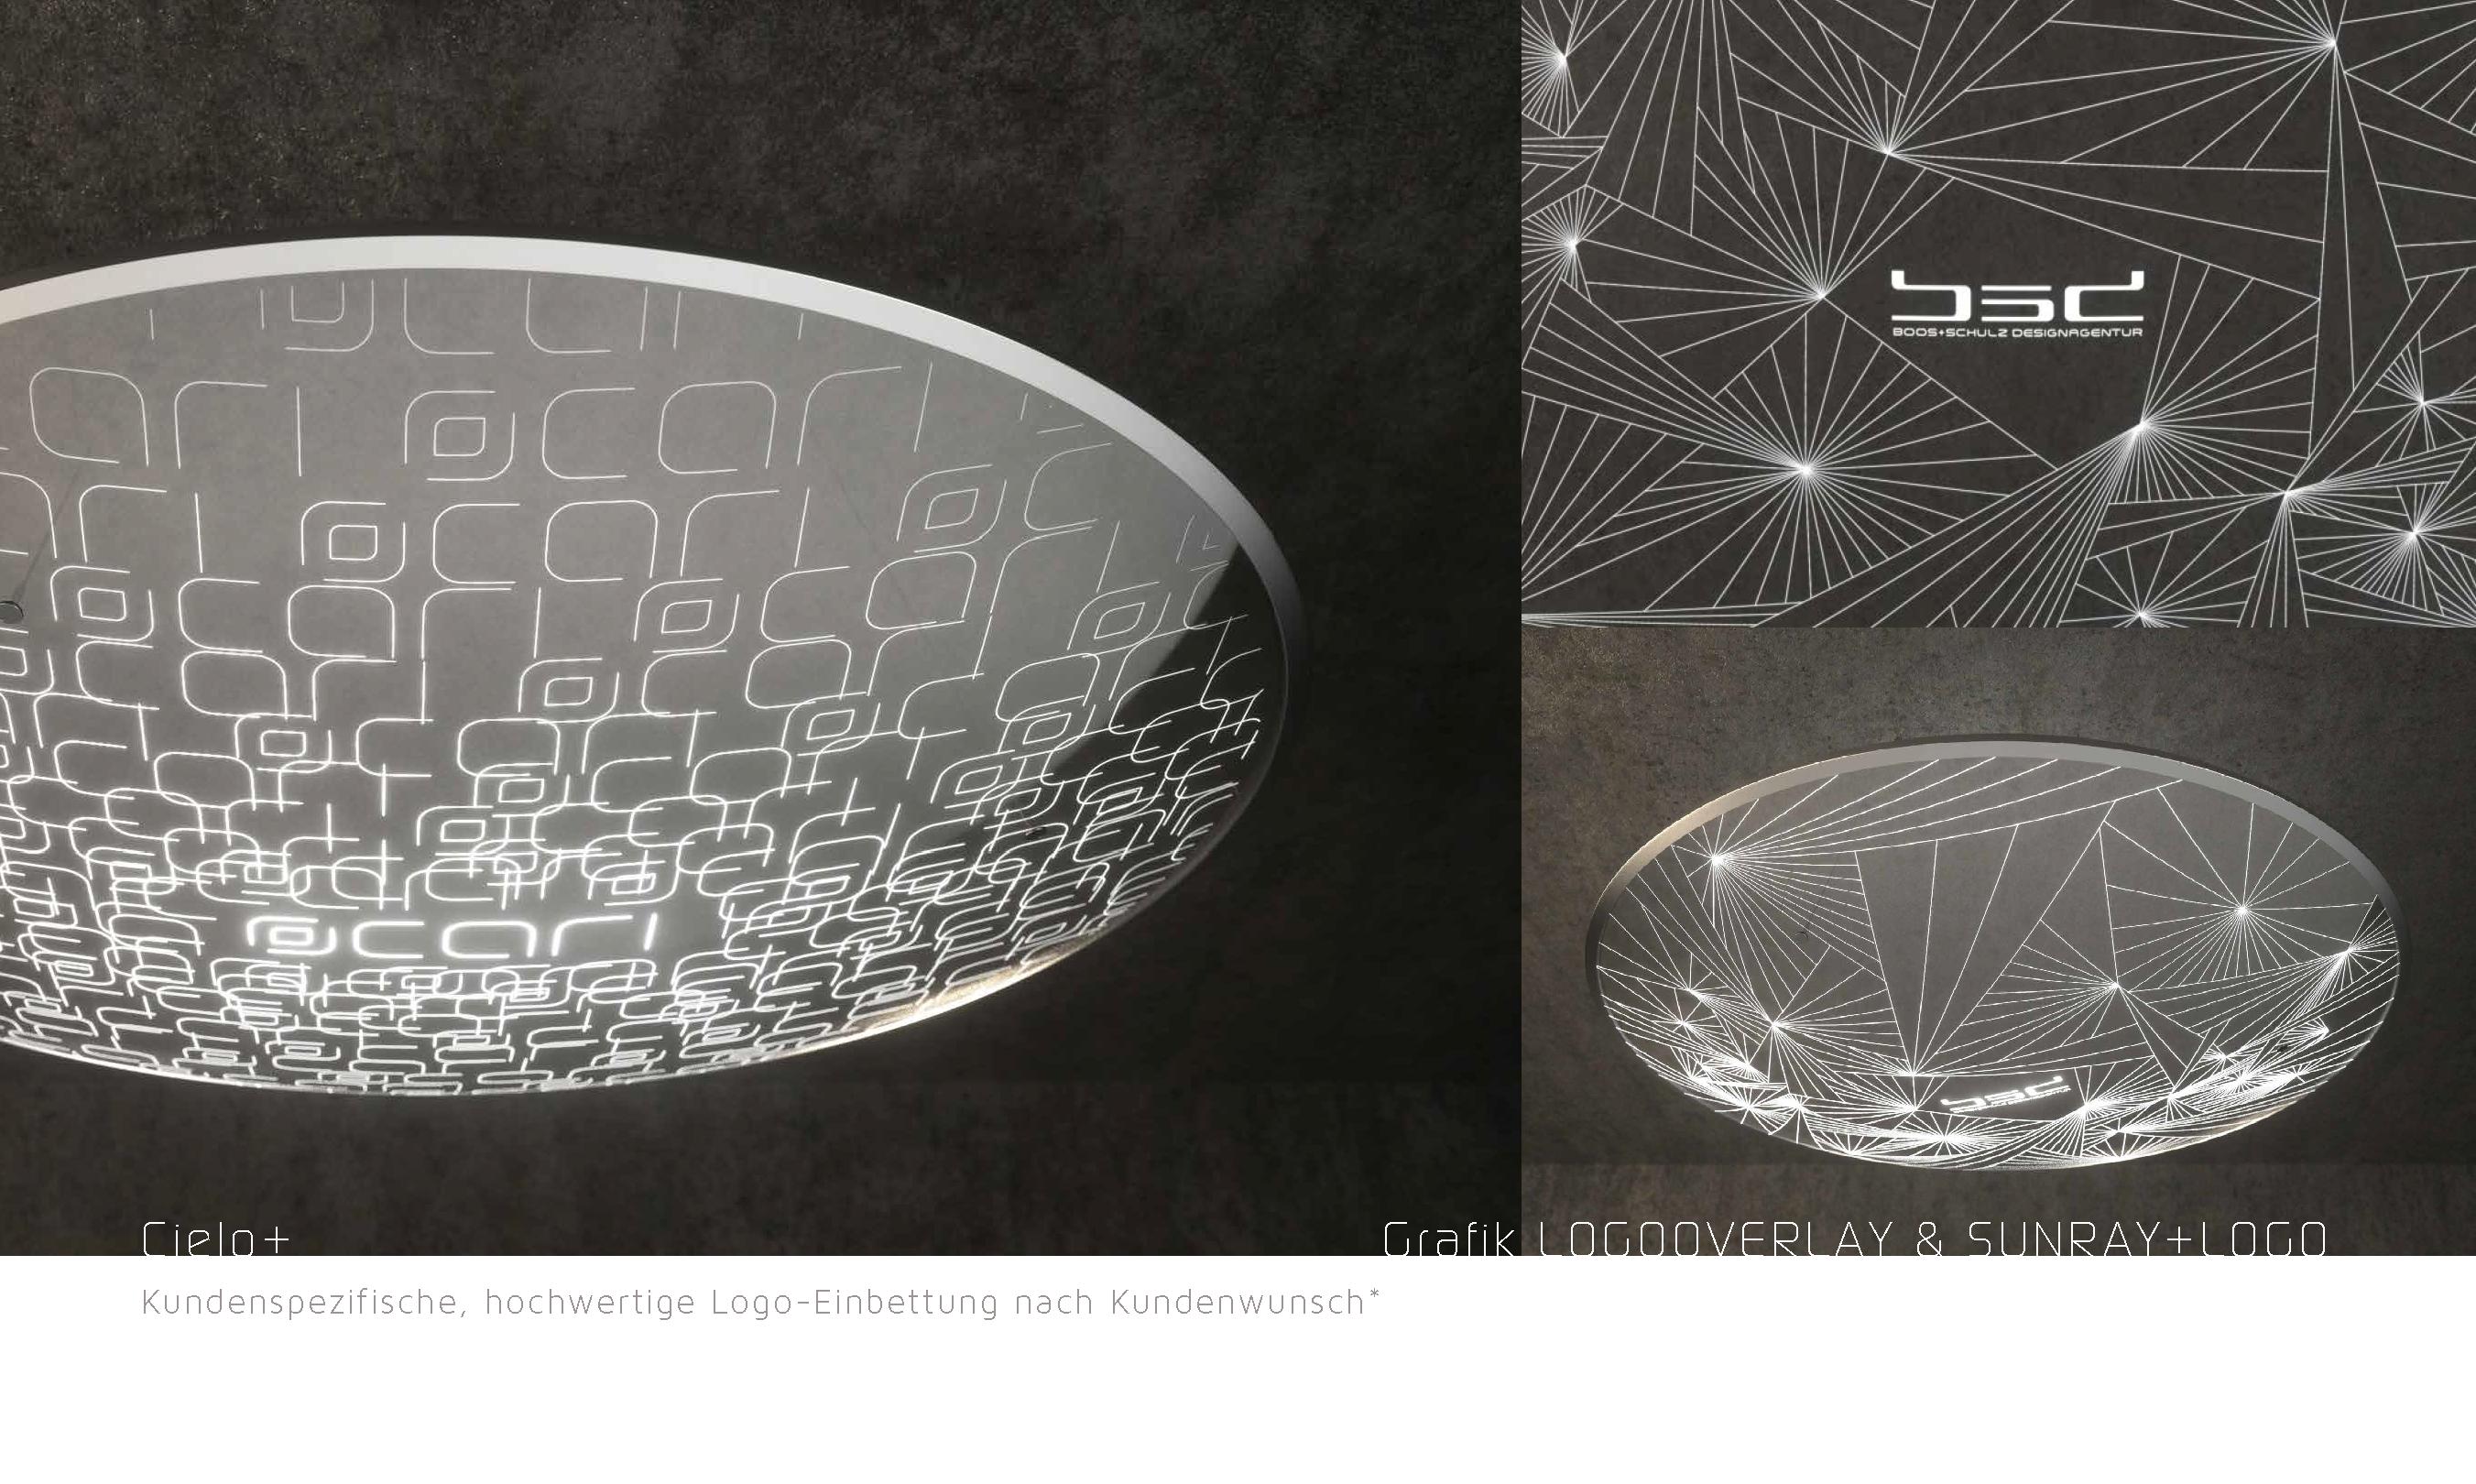 Kundenspezifische, hochwertige Lichtgrafik-Anpassung & Logo-Einbettung*